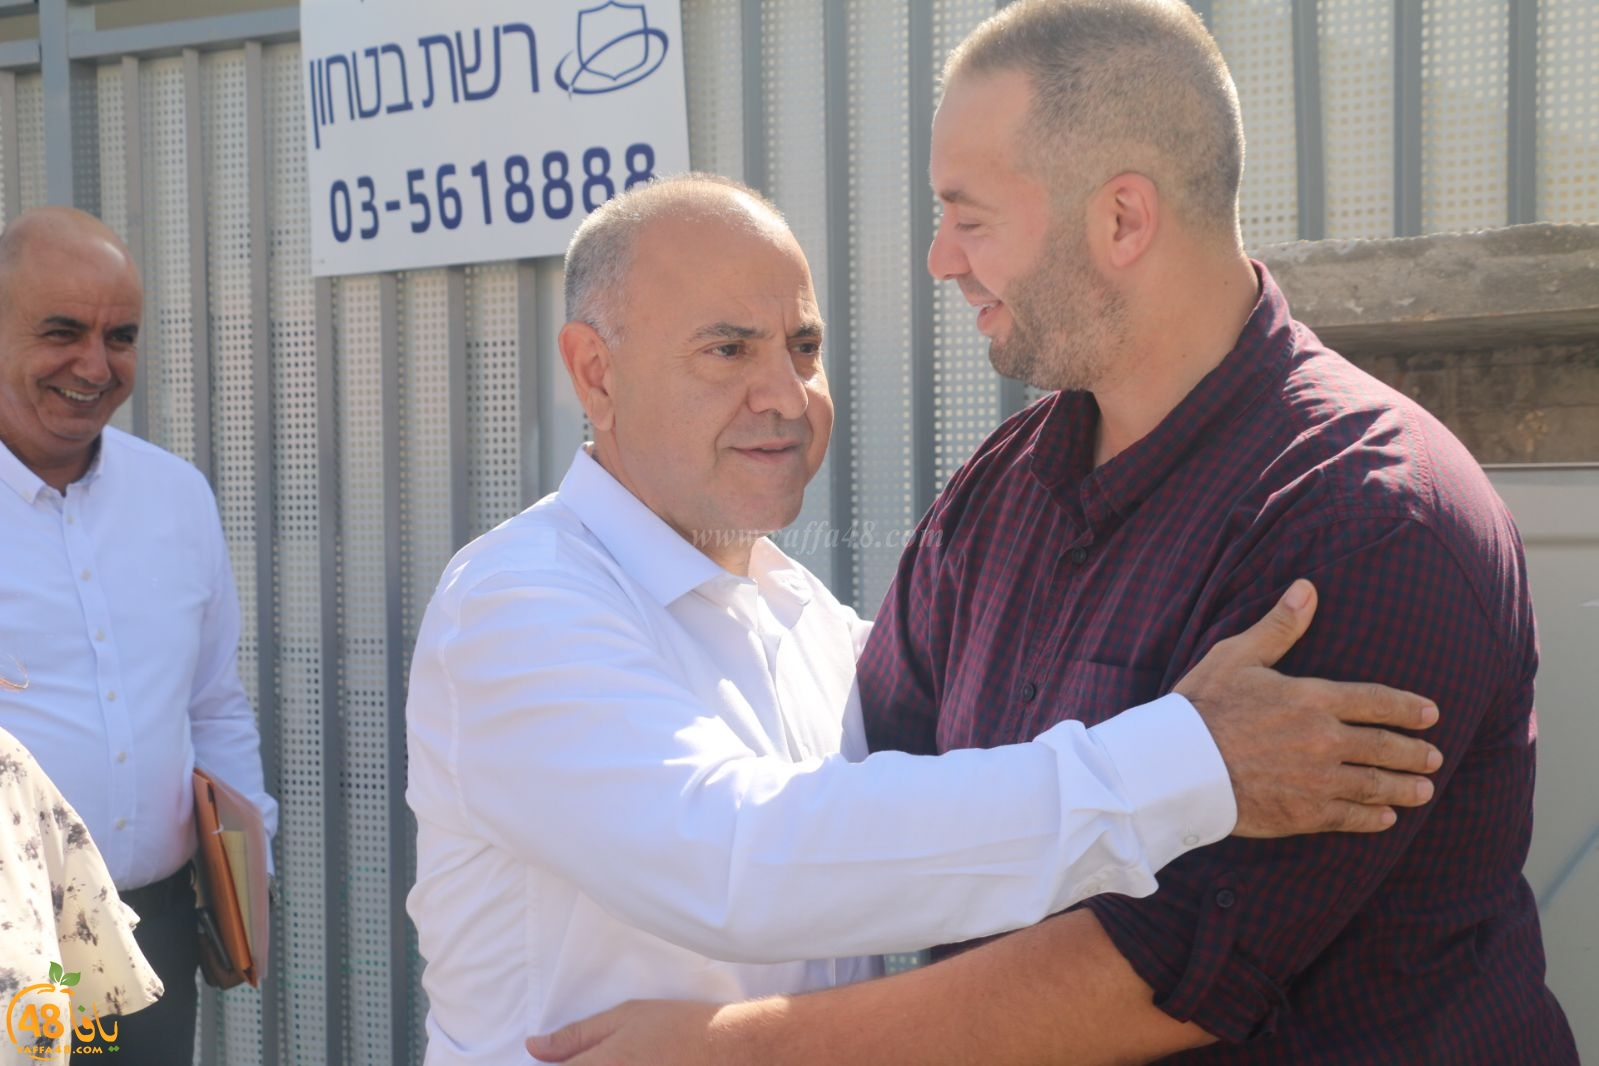 فيديو: وفد رفيع المستوى من وزارة المعارف والبلدية في زيارة لمدارس مدينة يافا